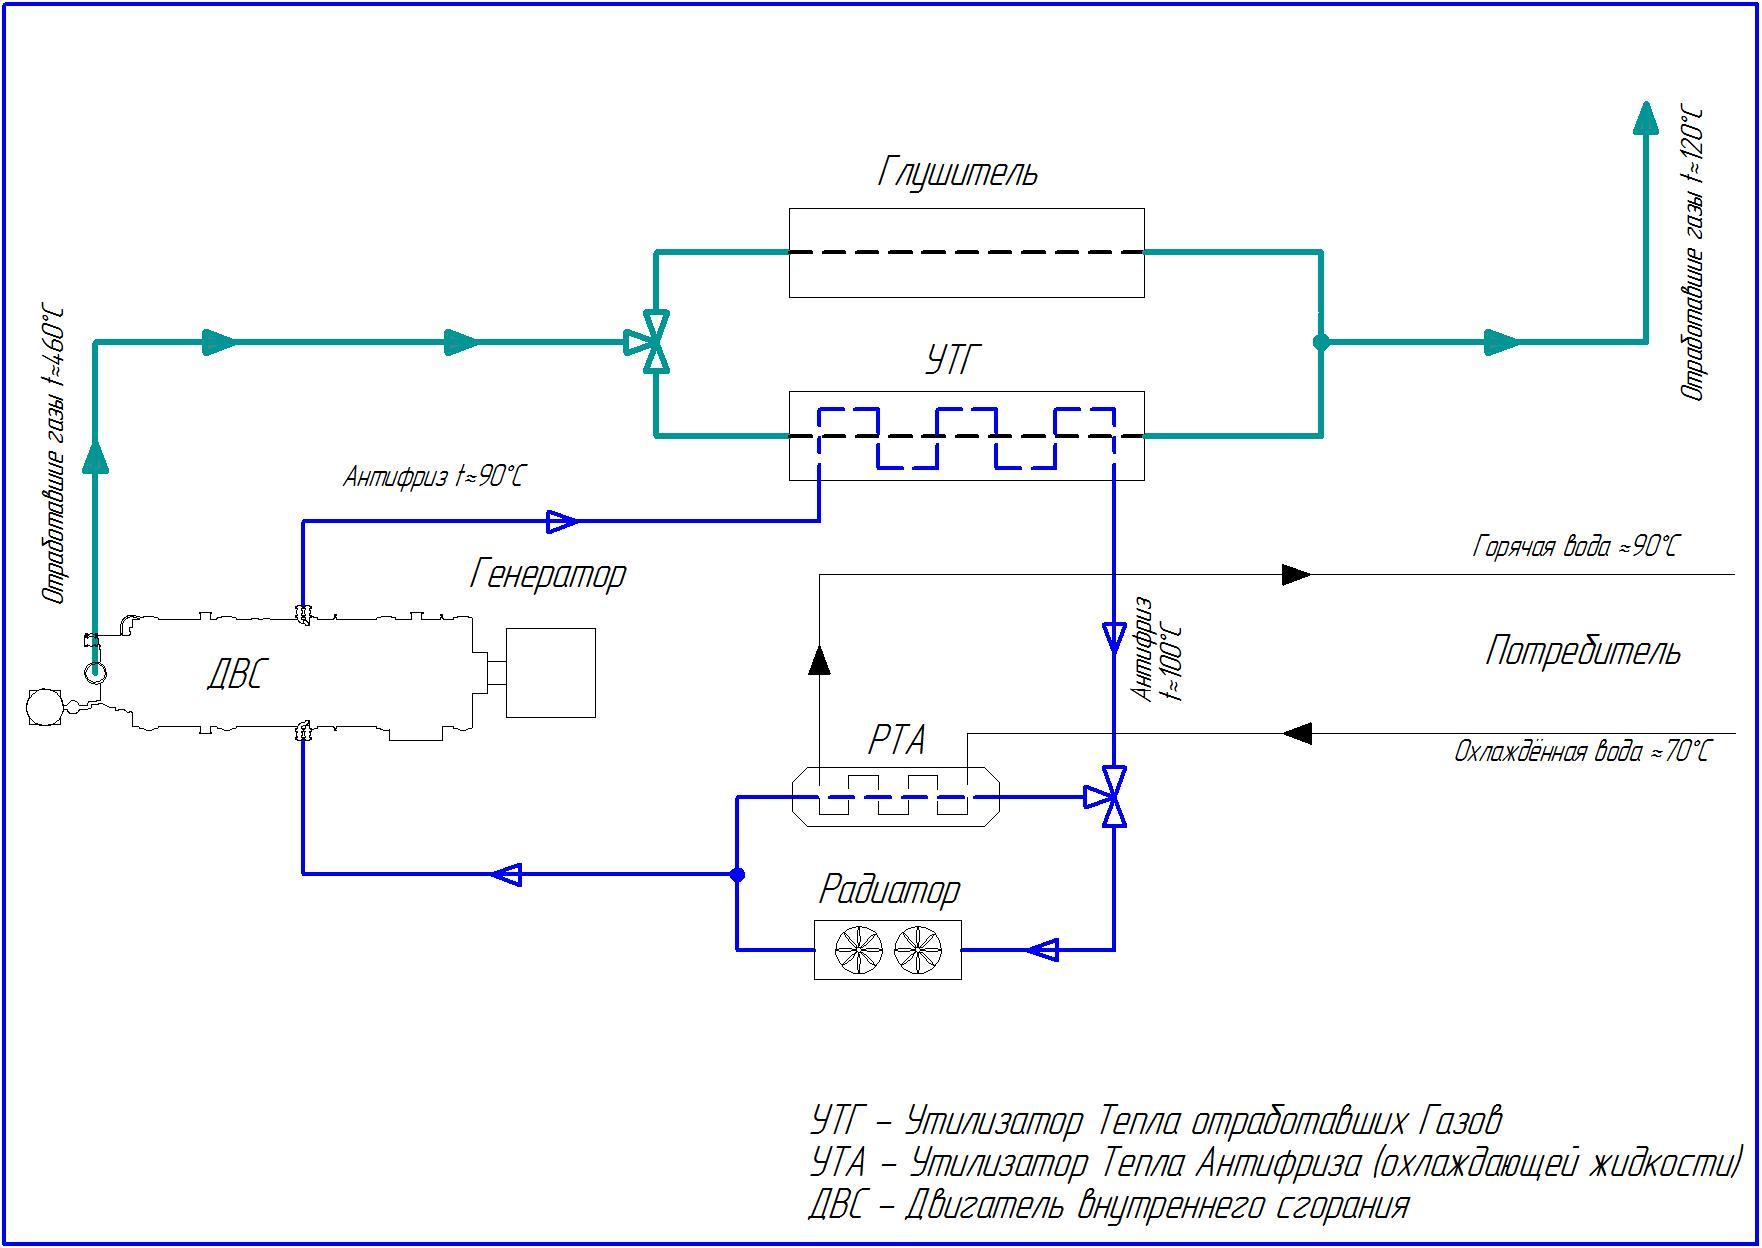 Утилизатор тепла антифриза газопоршневой установки 1200 кВт